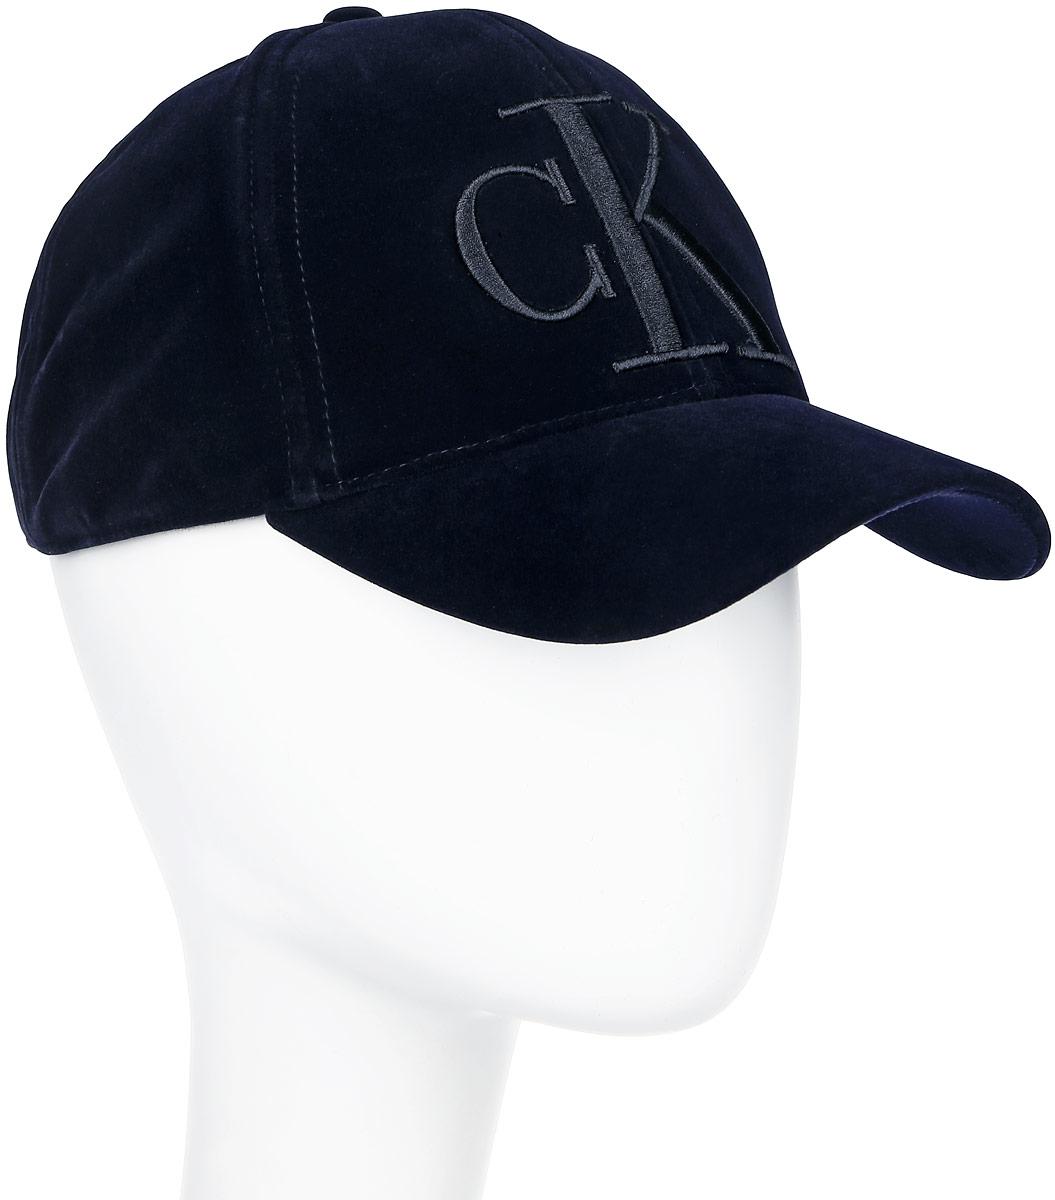 Бейсболка женская Calvin Klein Jeans, цвет: темно-синий. J20J200912. Размер универсальный561168_27Стильная женская бейсболка Calvin Klein, изготовленная из высококачественного полиэстера на подкладке из 100% хлопка, идеально подойдет для активного отдыха и обеспечит надежную защиту головы от солнца. Бейсболка оформлена оригинальным принтом в виде логотипа бренда и дополнена металлической пластиной с названием бренда.Объем изделия регулируется благодаря застежке.